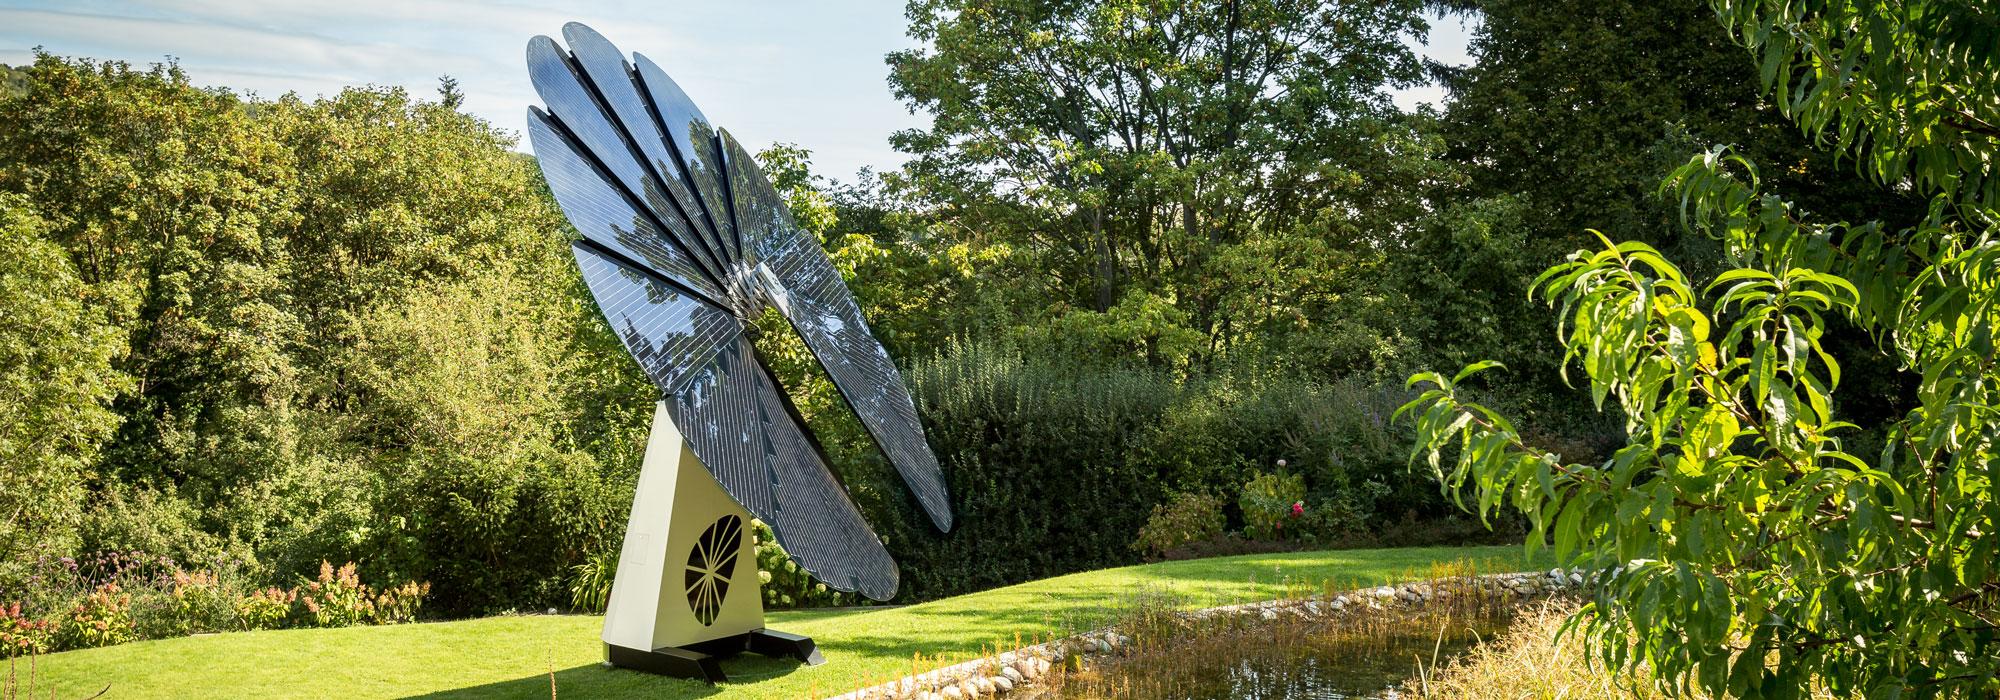 Um painel solar SmartFlower senta-se ao lado de um lago em uma pequena clareira forrada com árvores